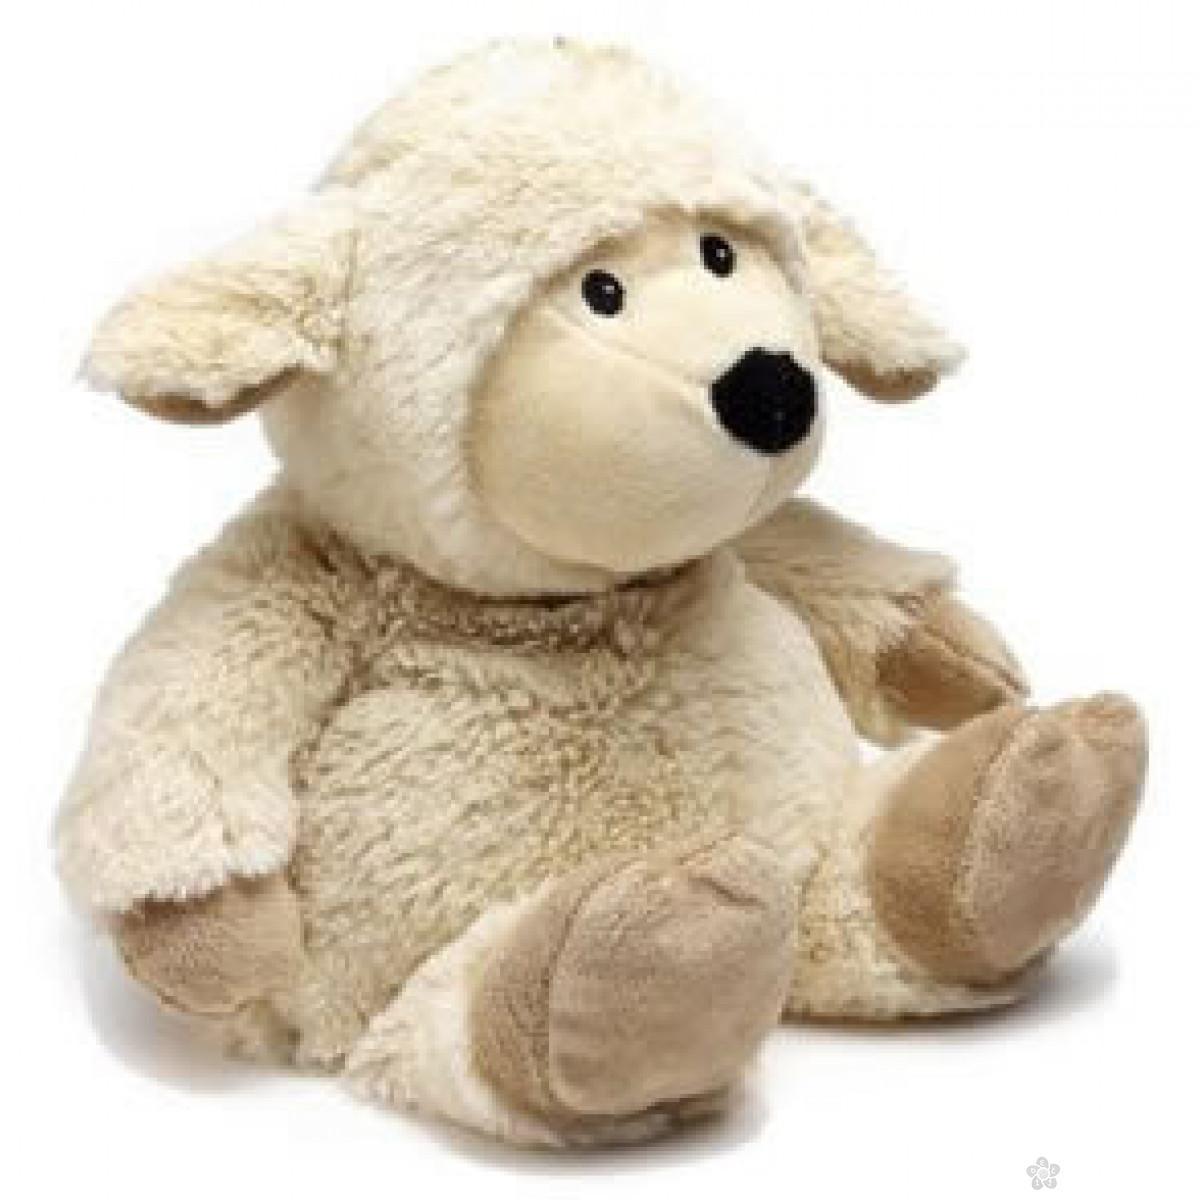 Plišana igračka ovca (grejač za stomačić) Yoomi, YLL